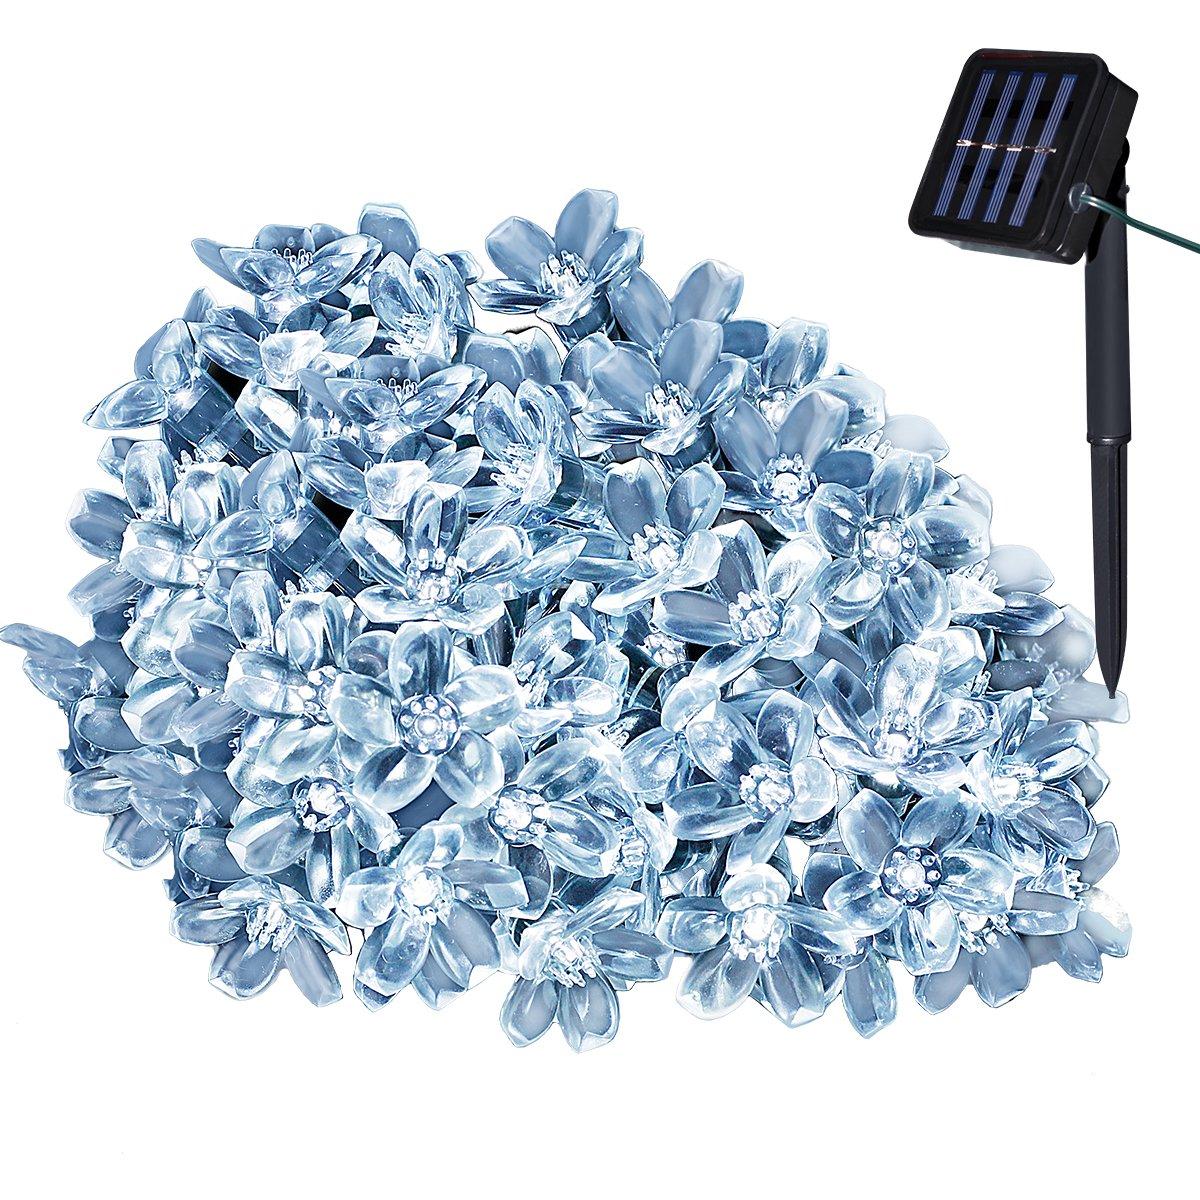 Yasolote 7M 50 LED Luci Natalizie da Esterno Formato di Fiore Addobbi Natalizi Luci per Giardino Patio Luci Decorazioni Natale Catene Luminose Solare per Albero di Natale (Bianco)